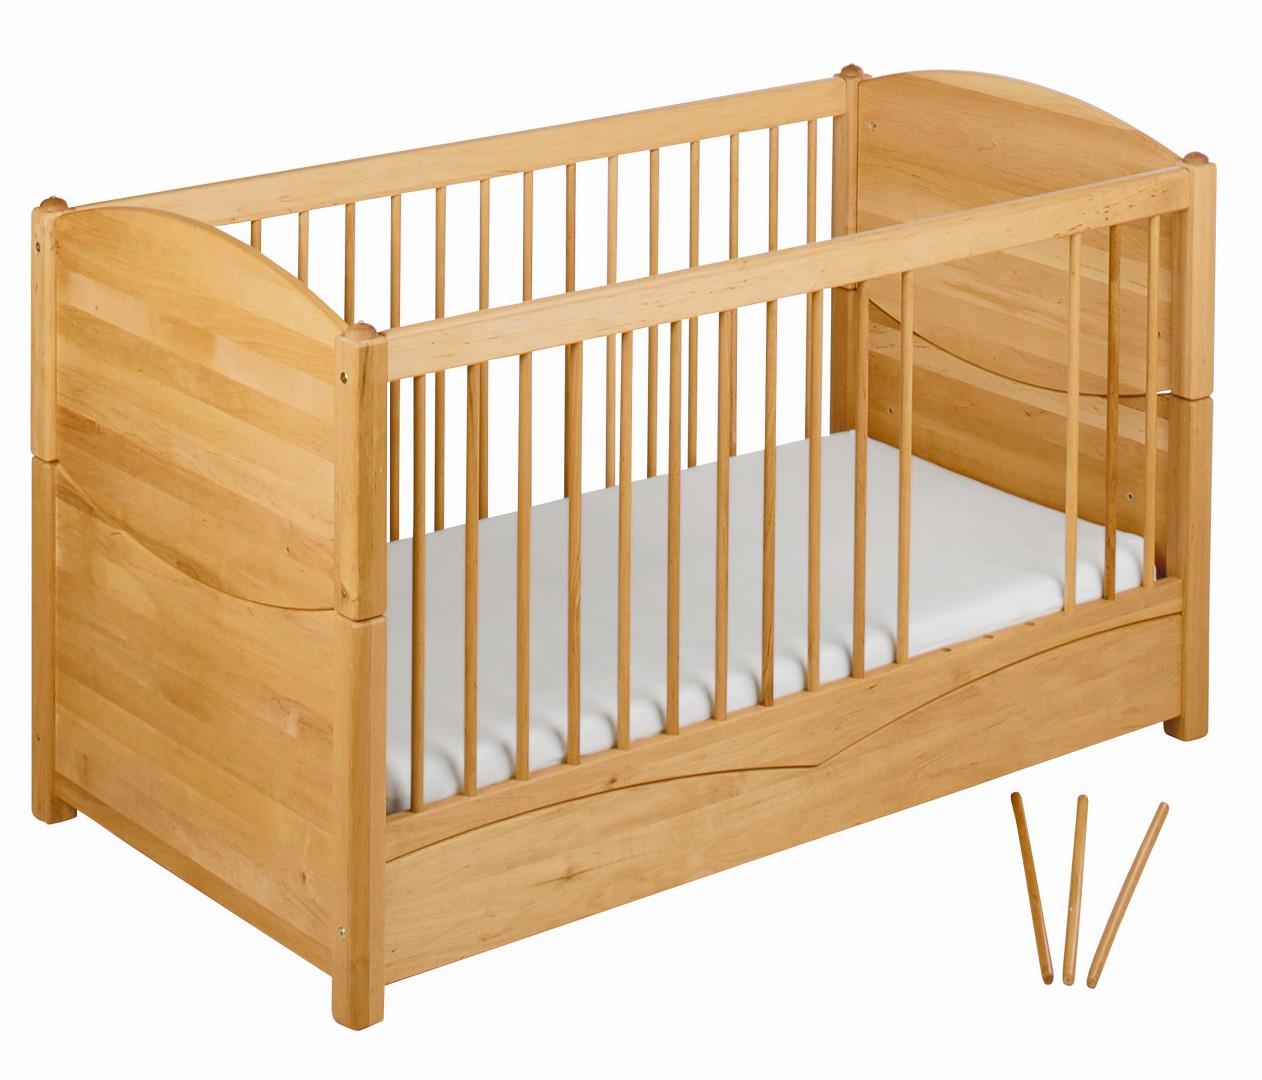 babybett mit aufh ngung f r betthimmel in wehrheim kaufen bei. Black Bedroom Furniture Sets. Home Design Ideas